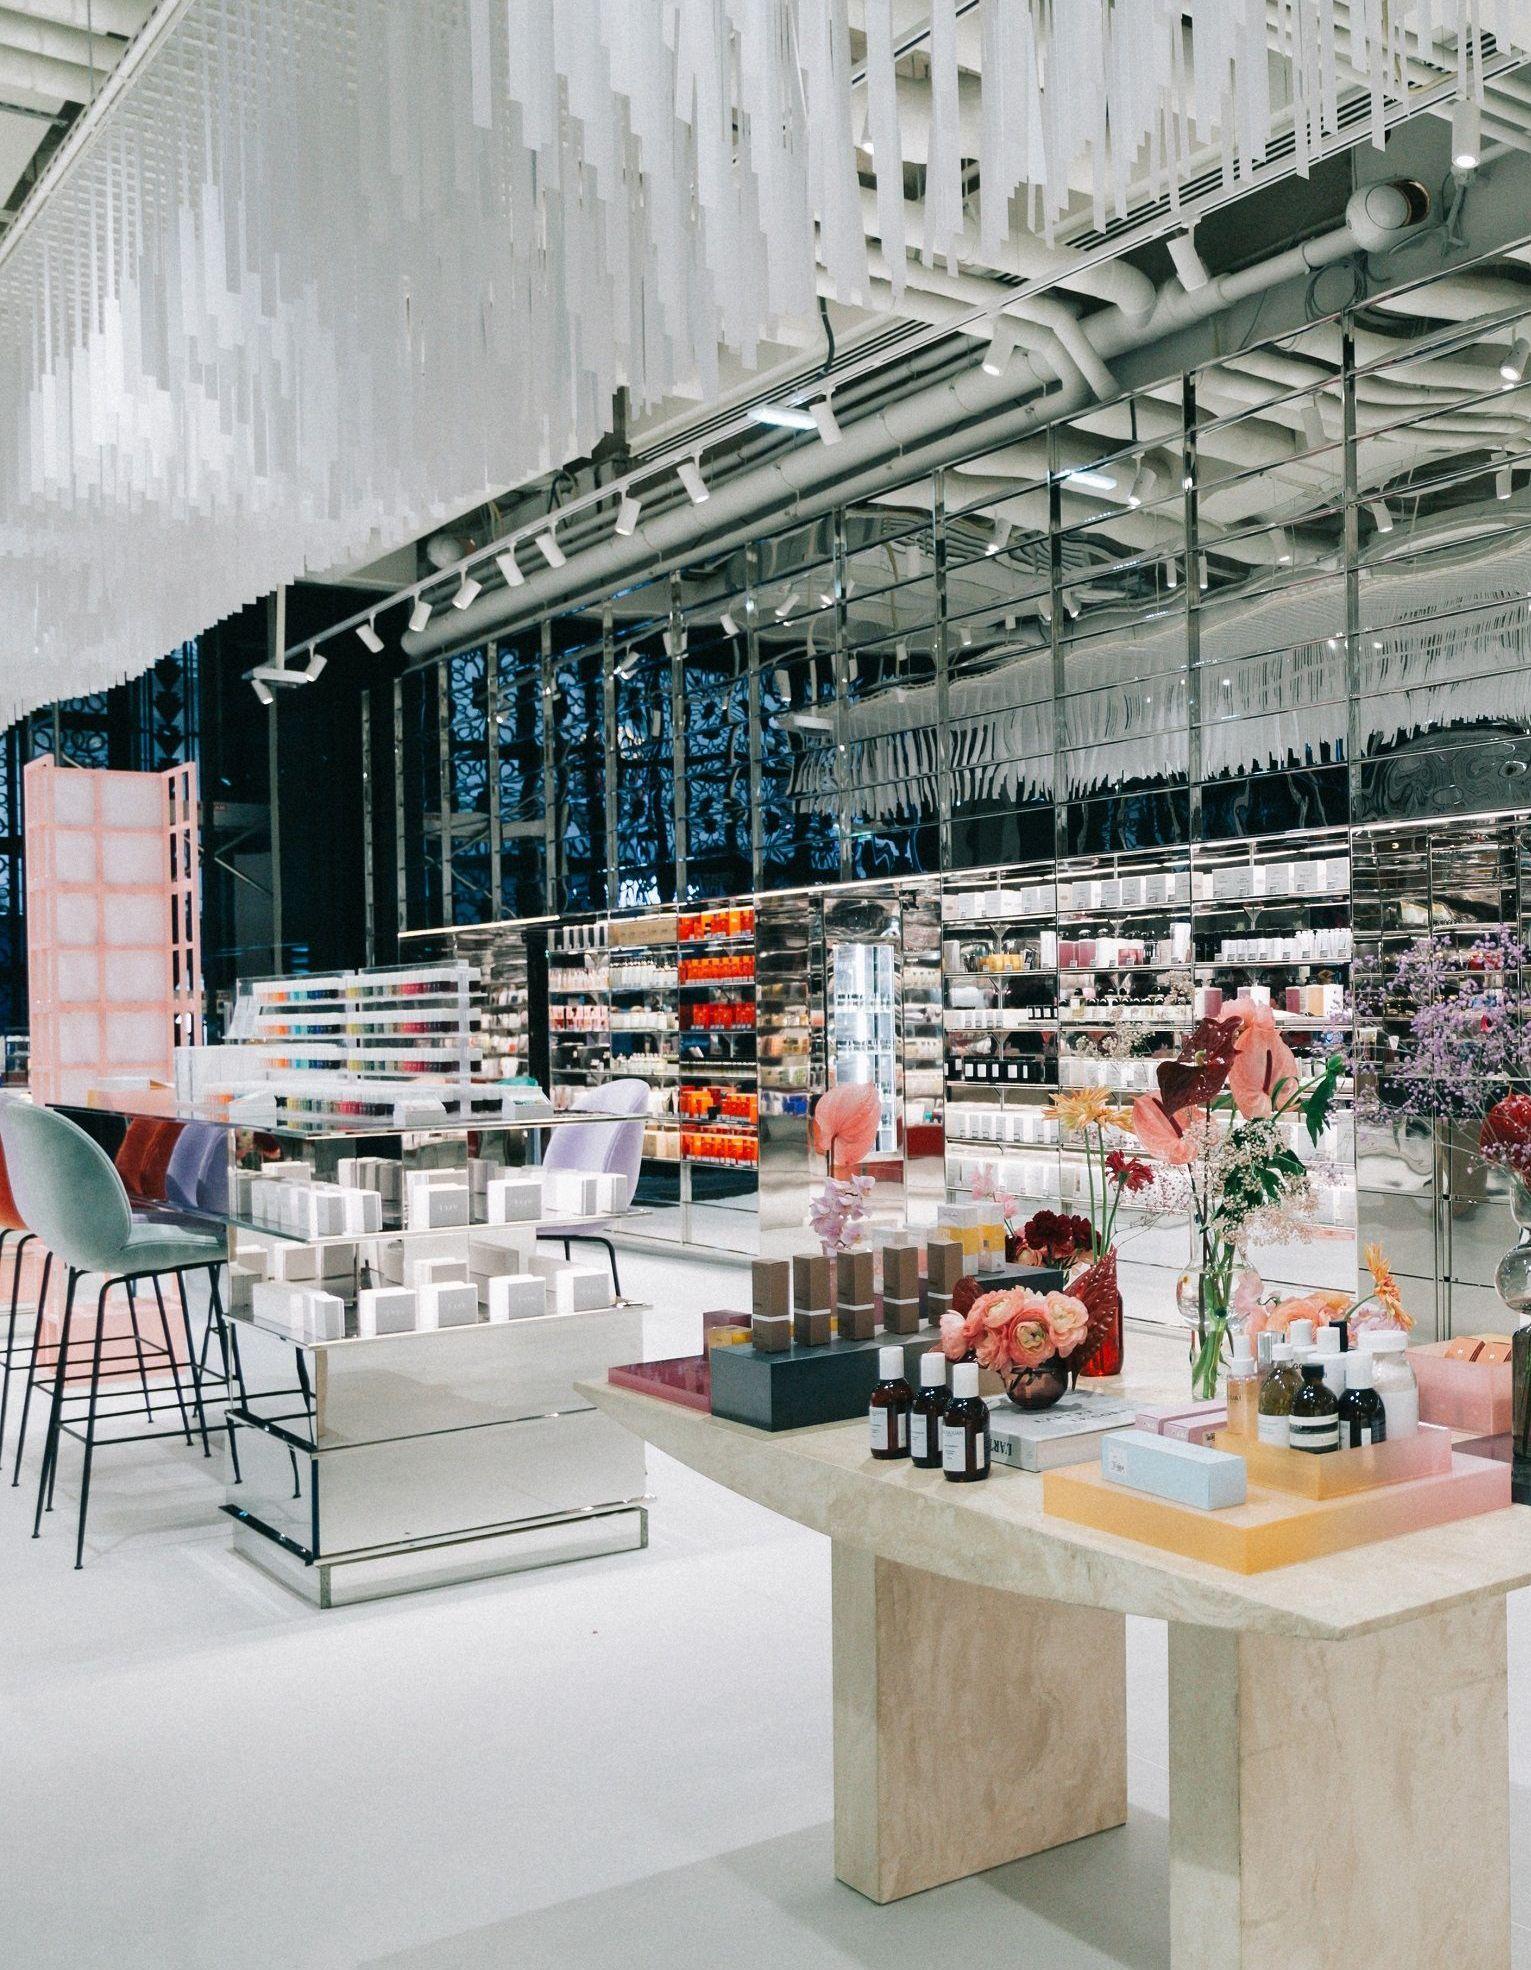 Beauté EllebeautyspotL'espace Lafayette Des Galeries Champs rCshQdtx